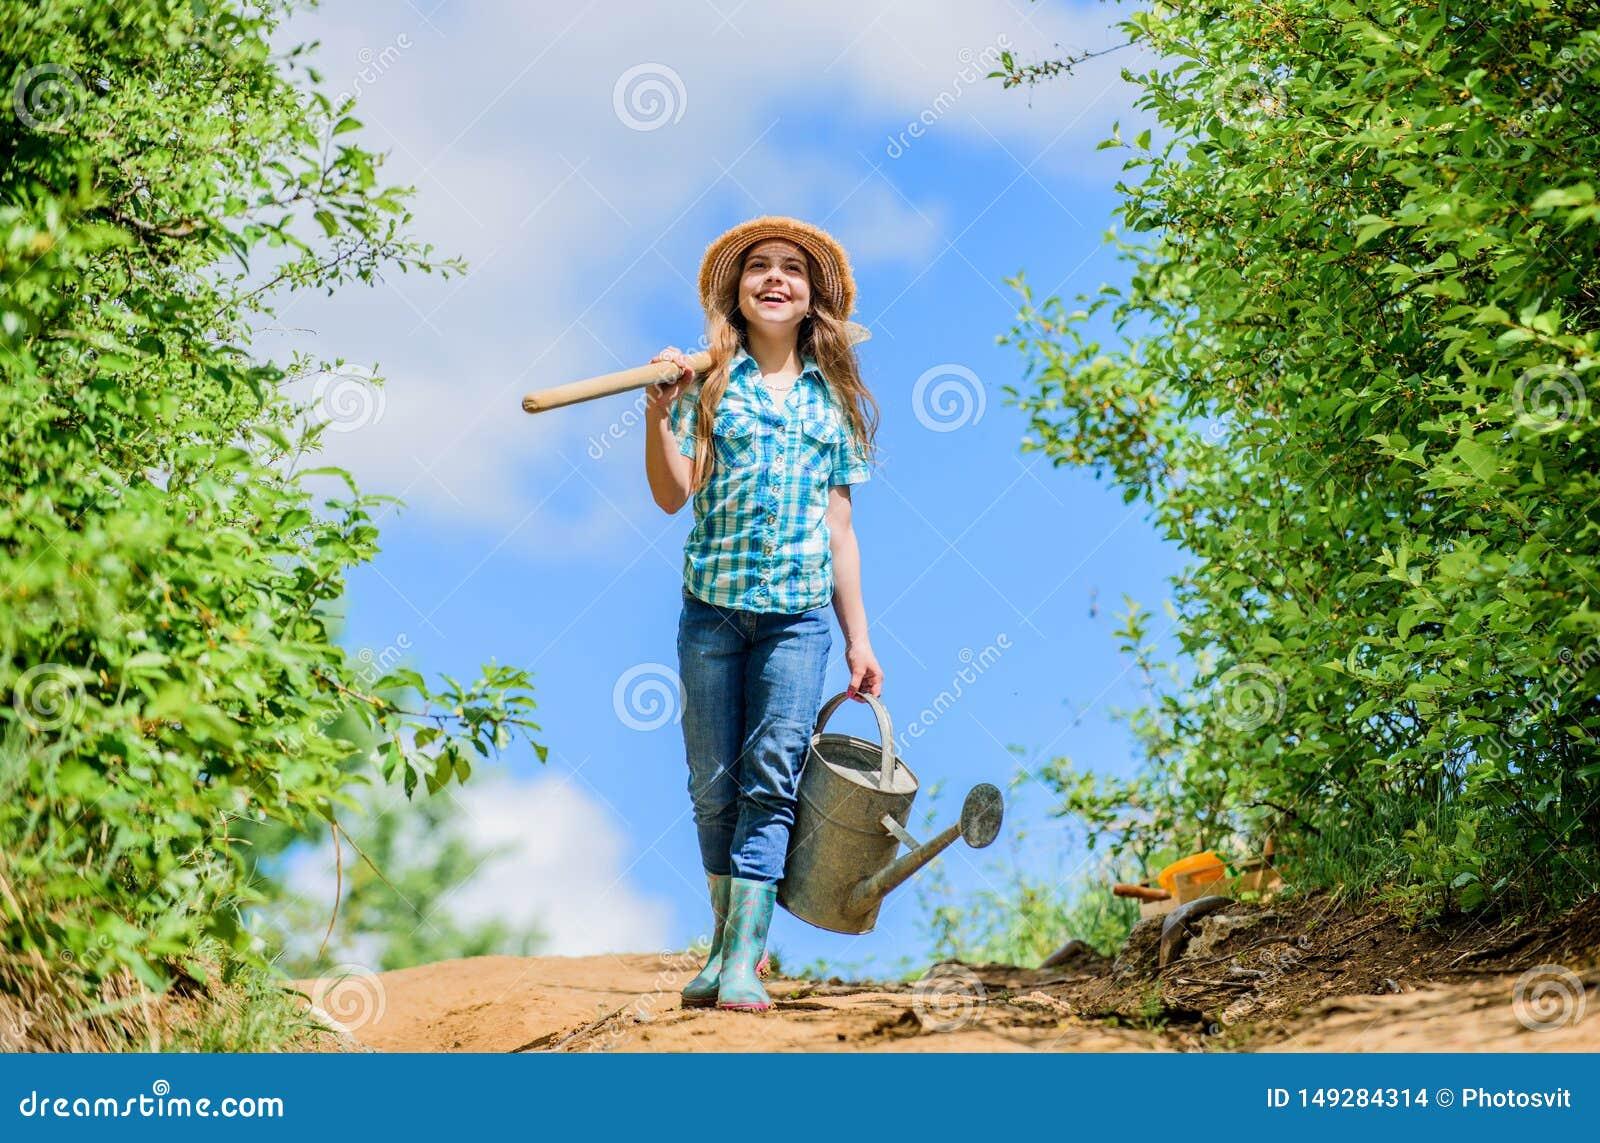 Landbouwersmeisje tuinhulpmiddelen, schop en gieter zonnige openlucht van de jong geitjearbeider Familie het plakken de kant van